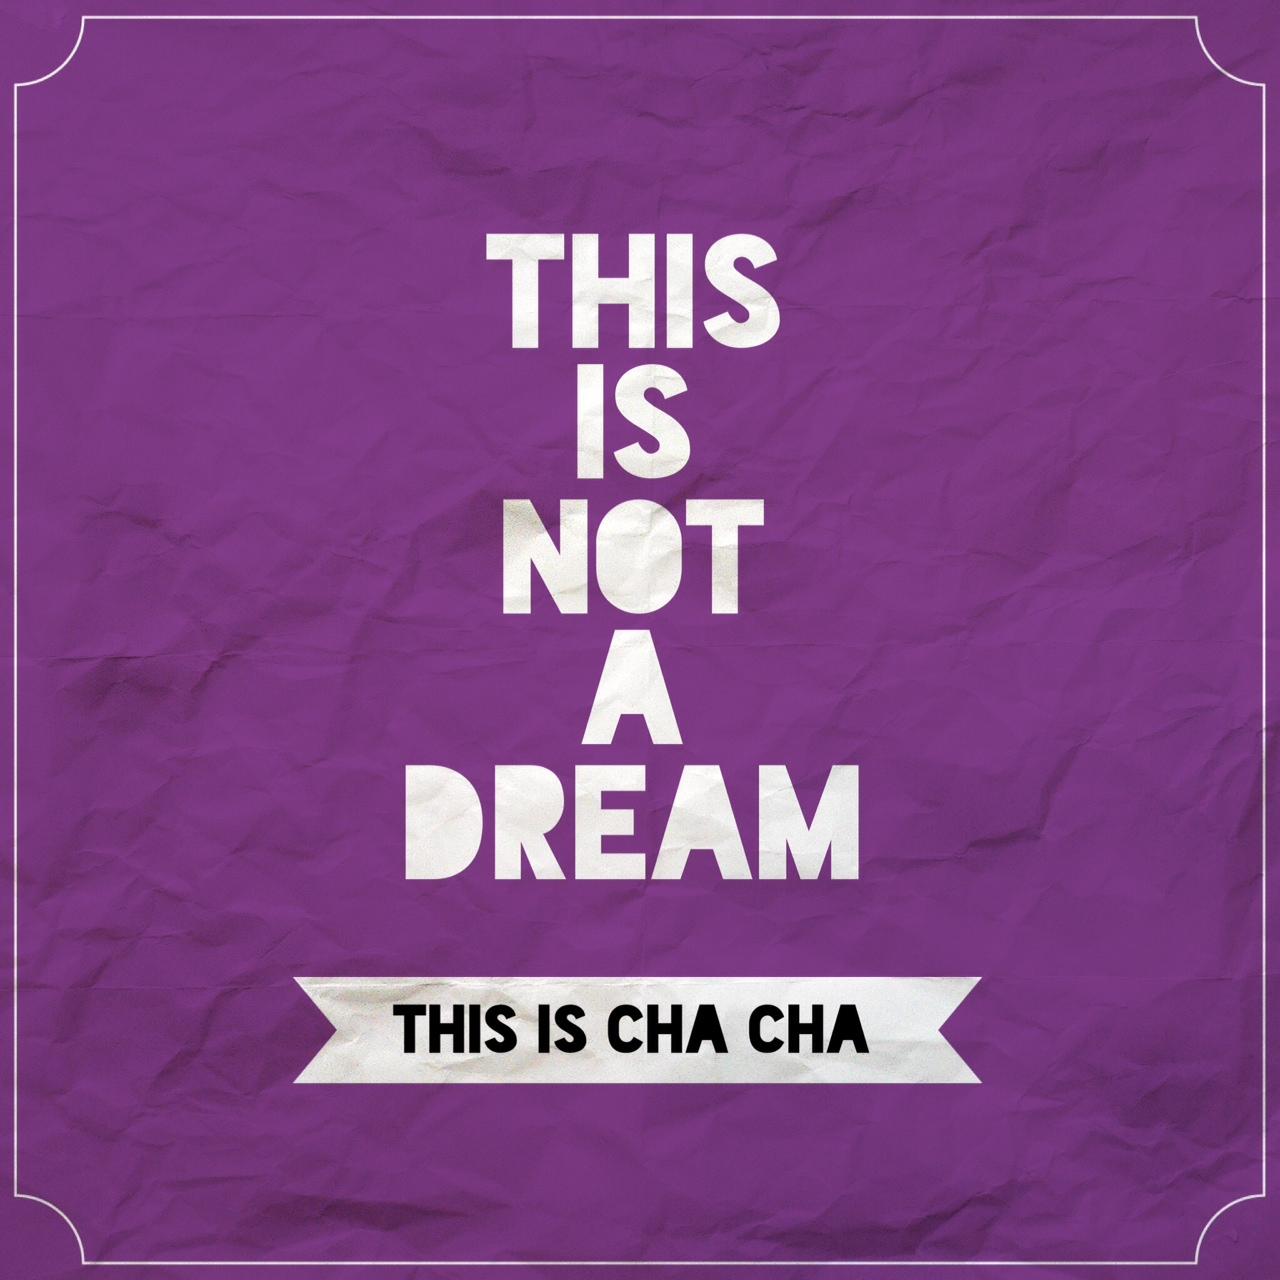 Colorado Cha Cha Dance Lessons